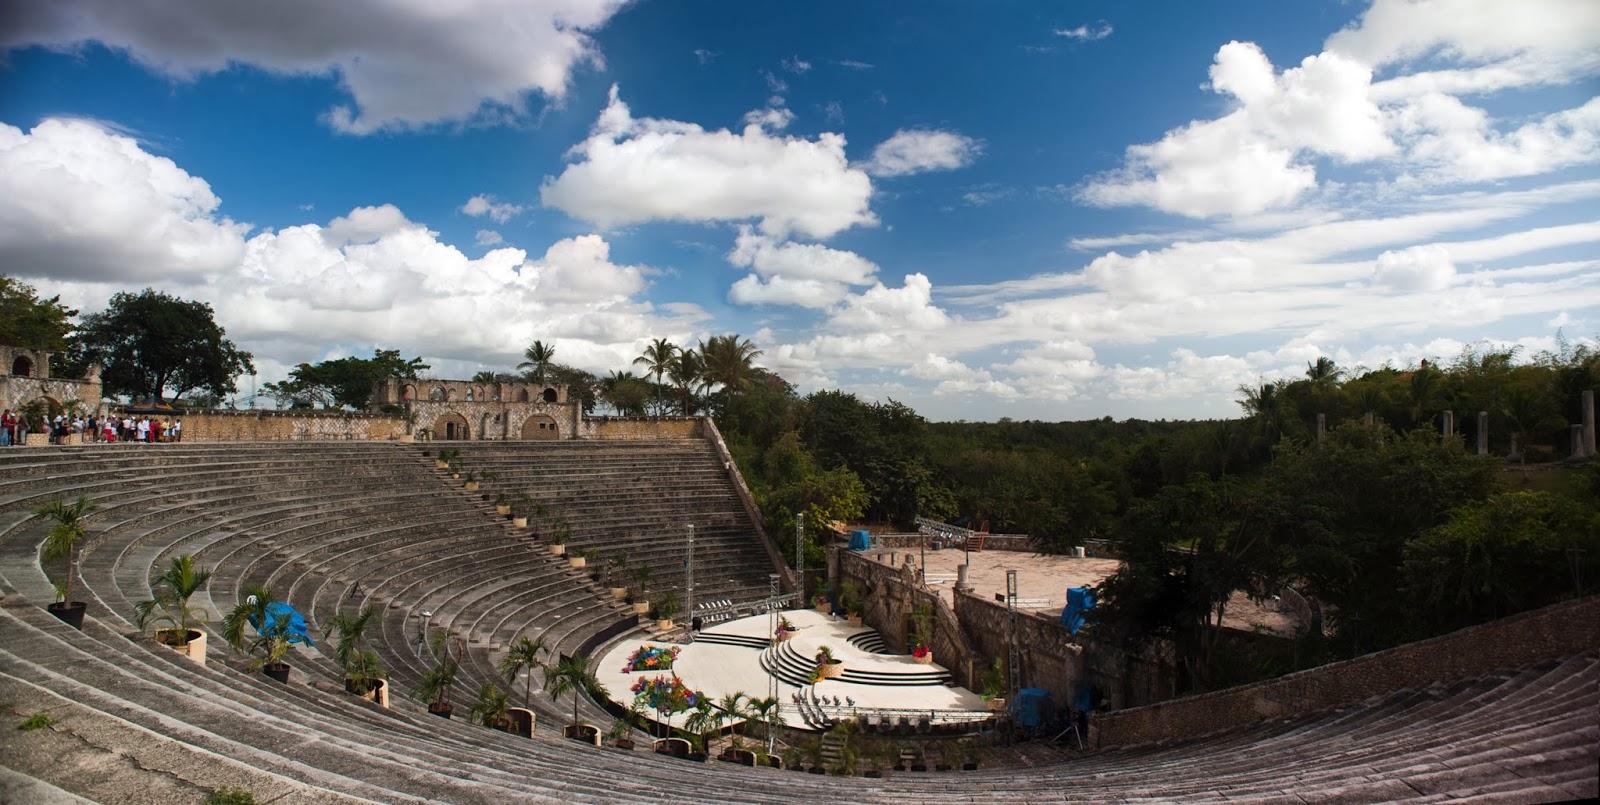 La Romana Dominican Republic  City new picture : ... de Chavon: Art Village of the Dominican Republic | Dominican Art Blog